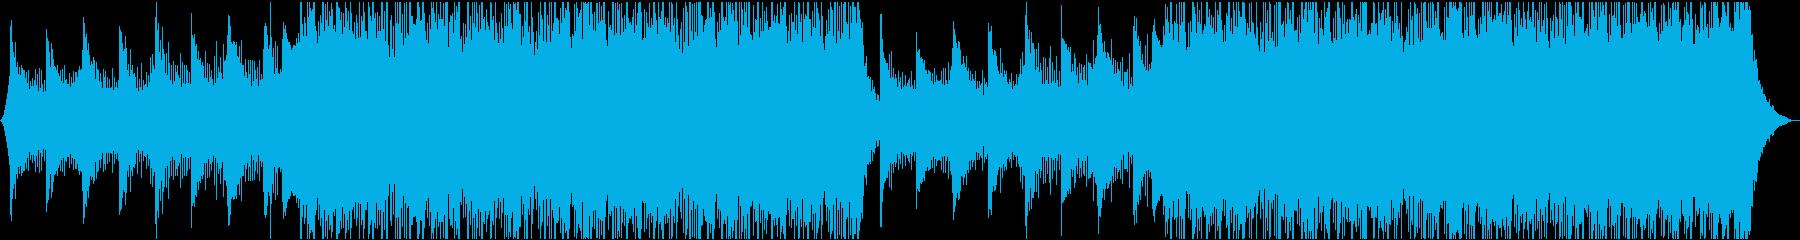 テクノロジーアーバンタイムラプスの再生済みの波形